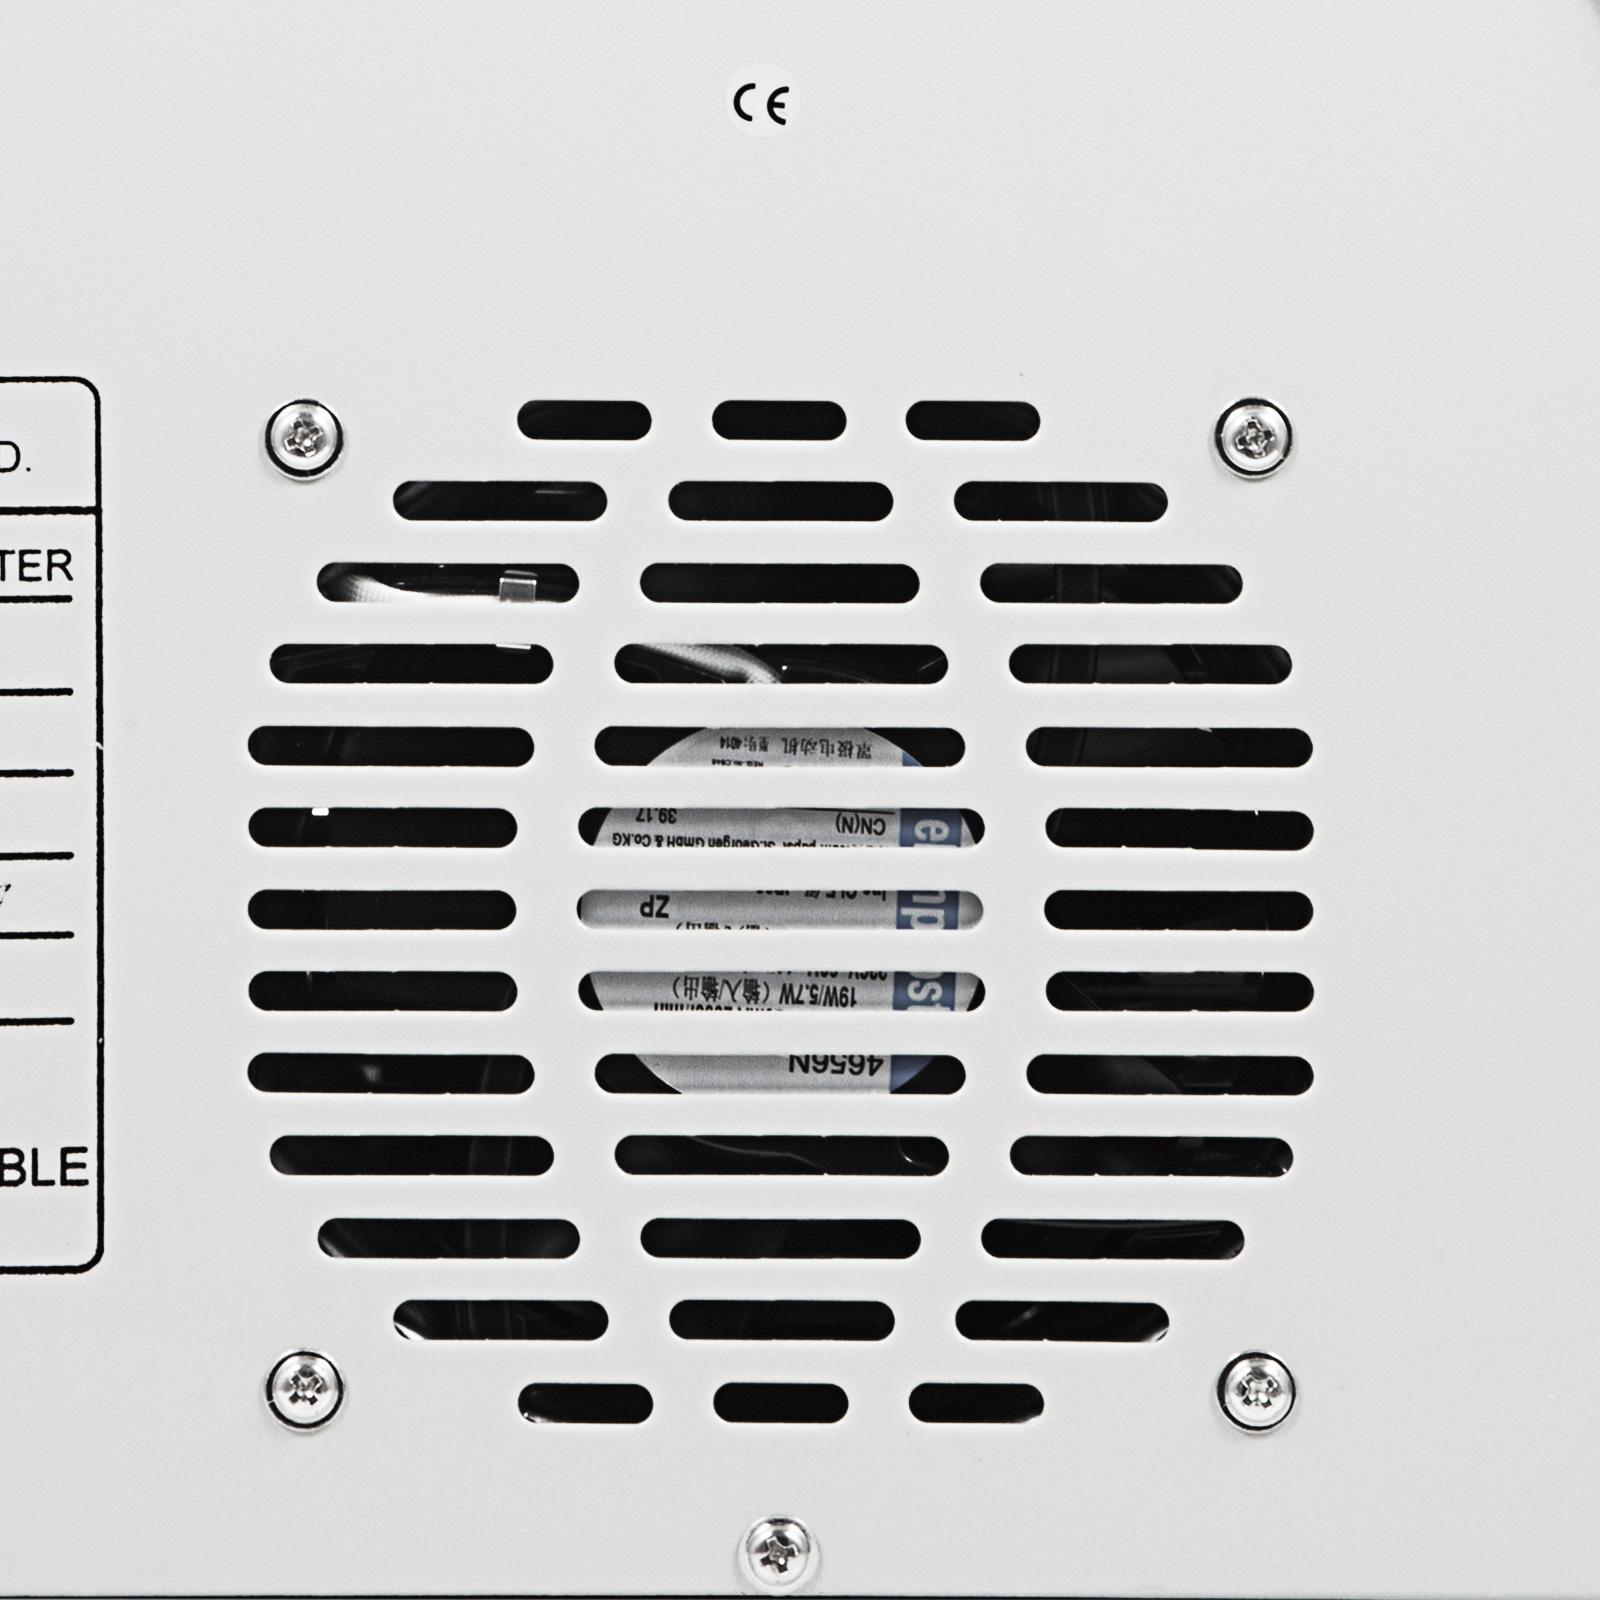 T 962 Four De Refusion Infrarouge Reflow Oven 800w L Ecran